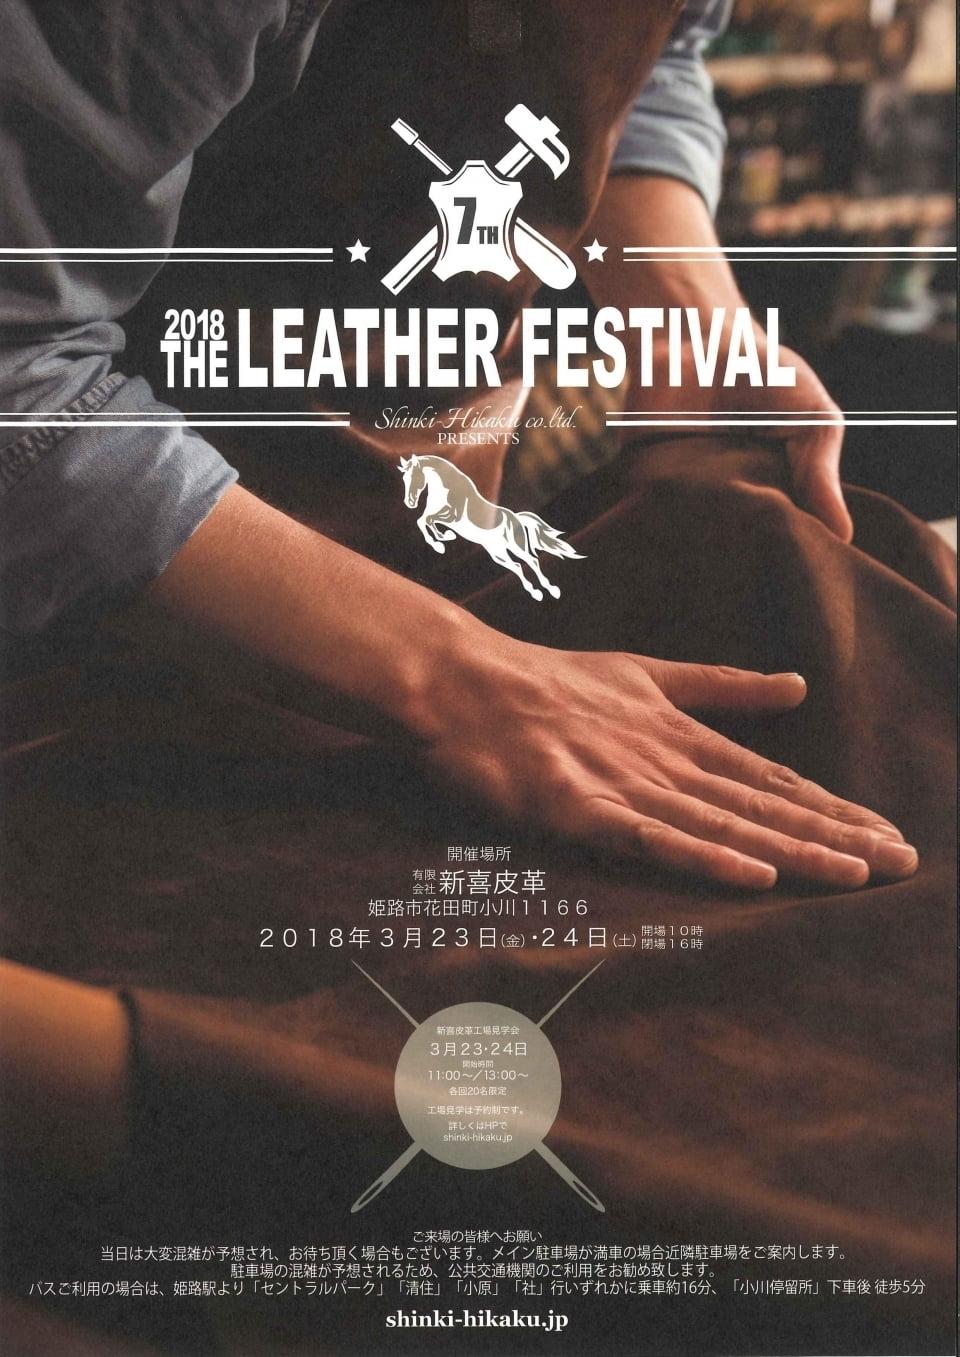 【イベント】3月23日・24日人気の皮革工場見学も同時開催!「新喜皮革presentsレザーフェスティバル2018」